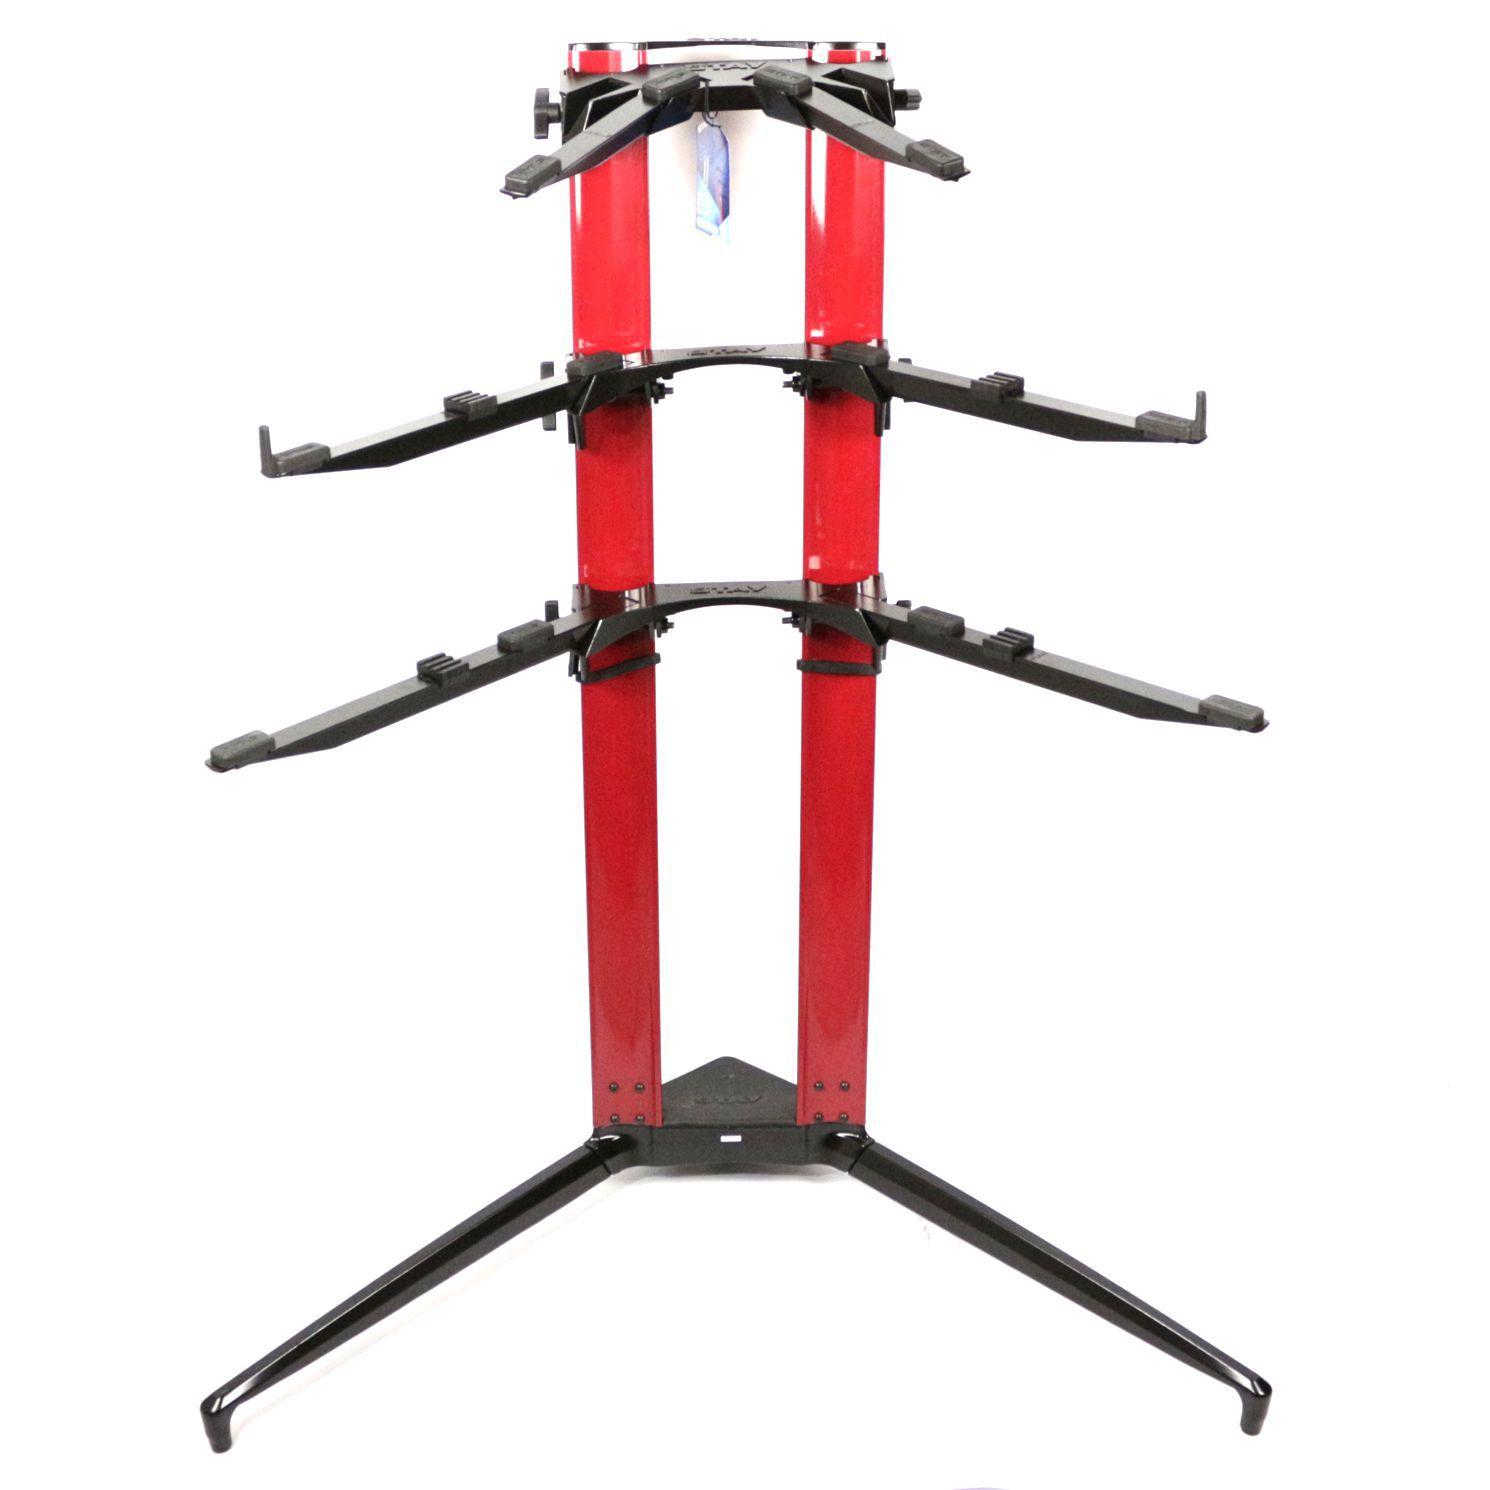 Suporte STAY Piano Aluminio para 3 Pianos ou Teclados 115 CM de Altura com BAG 1200/3 Piano Vermelho